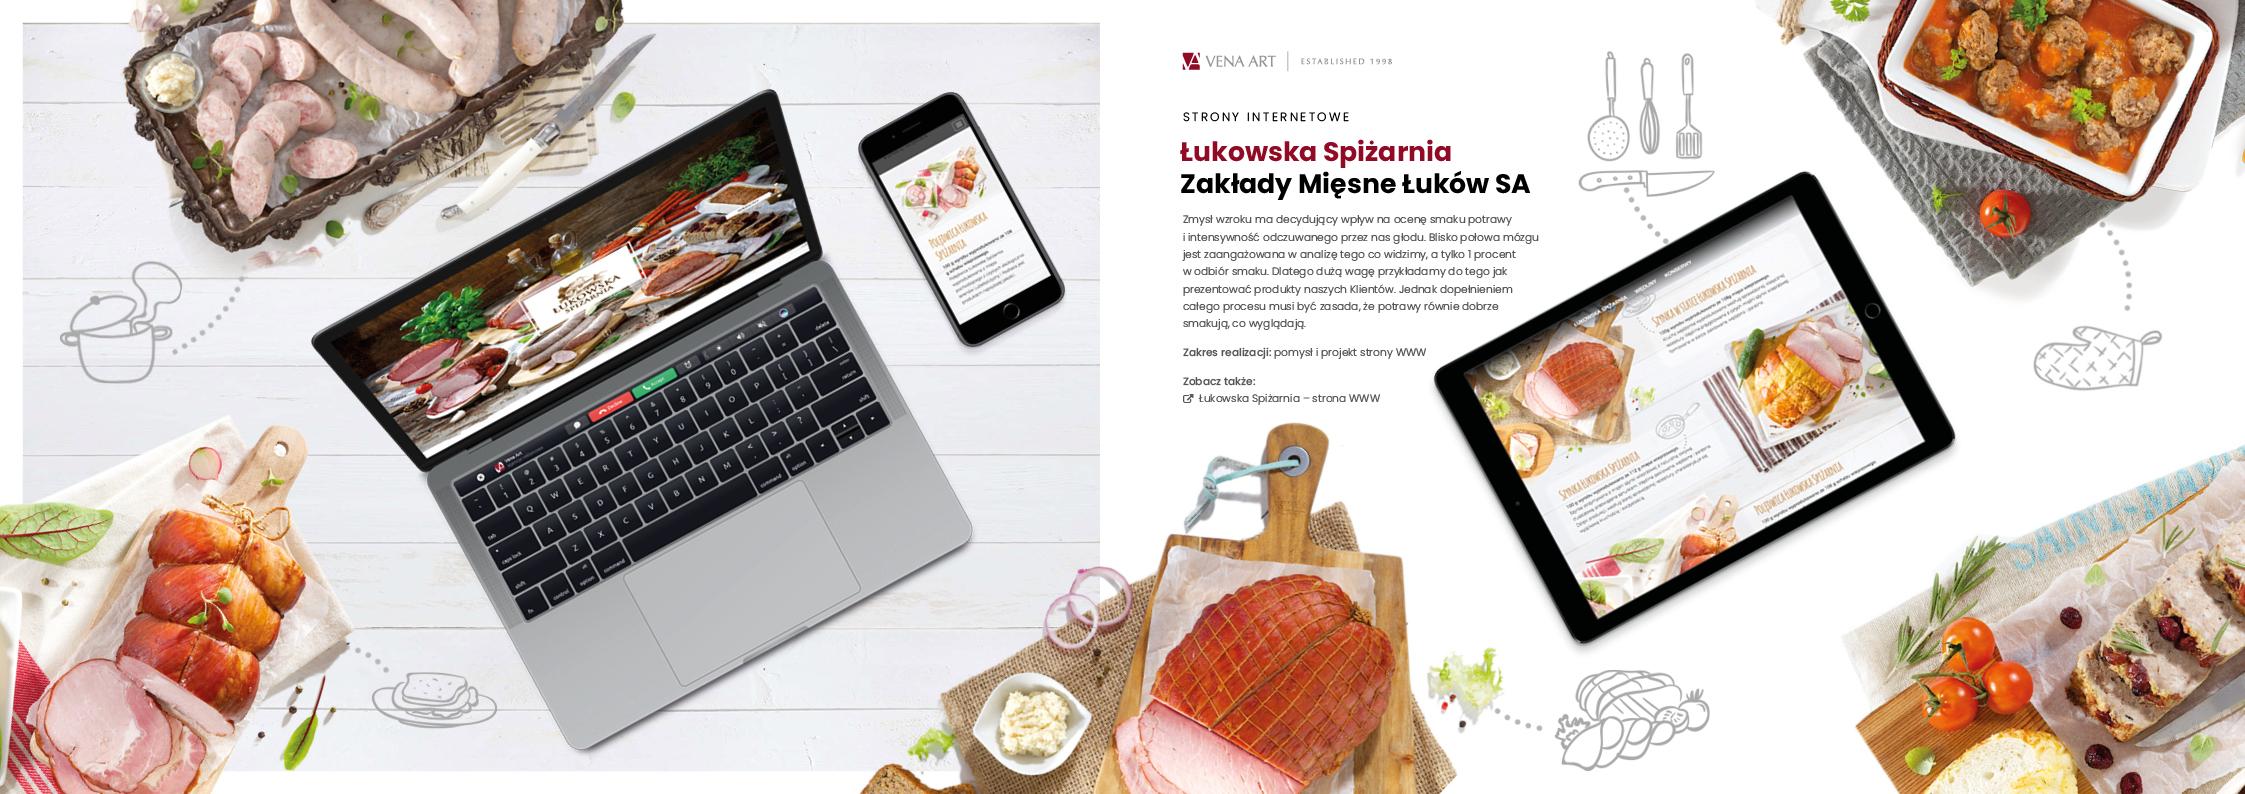 Łukowska Spiżarnia —Zakłady Mięsne Łuków SA